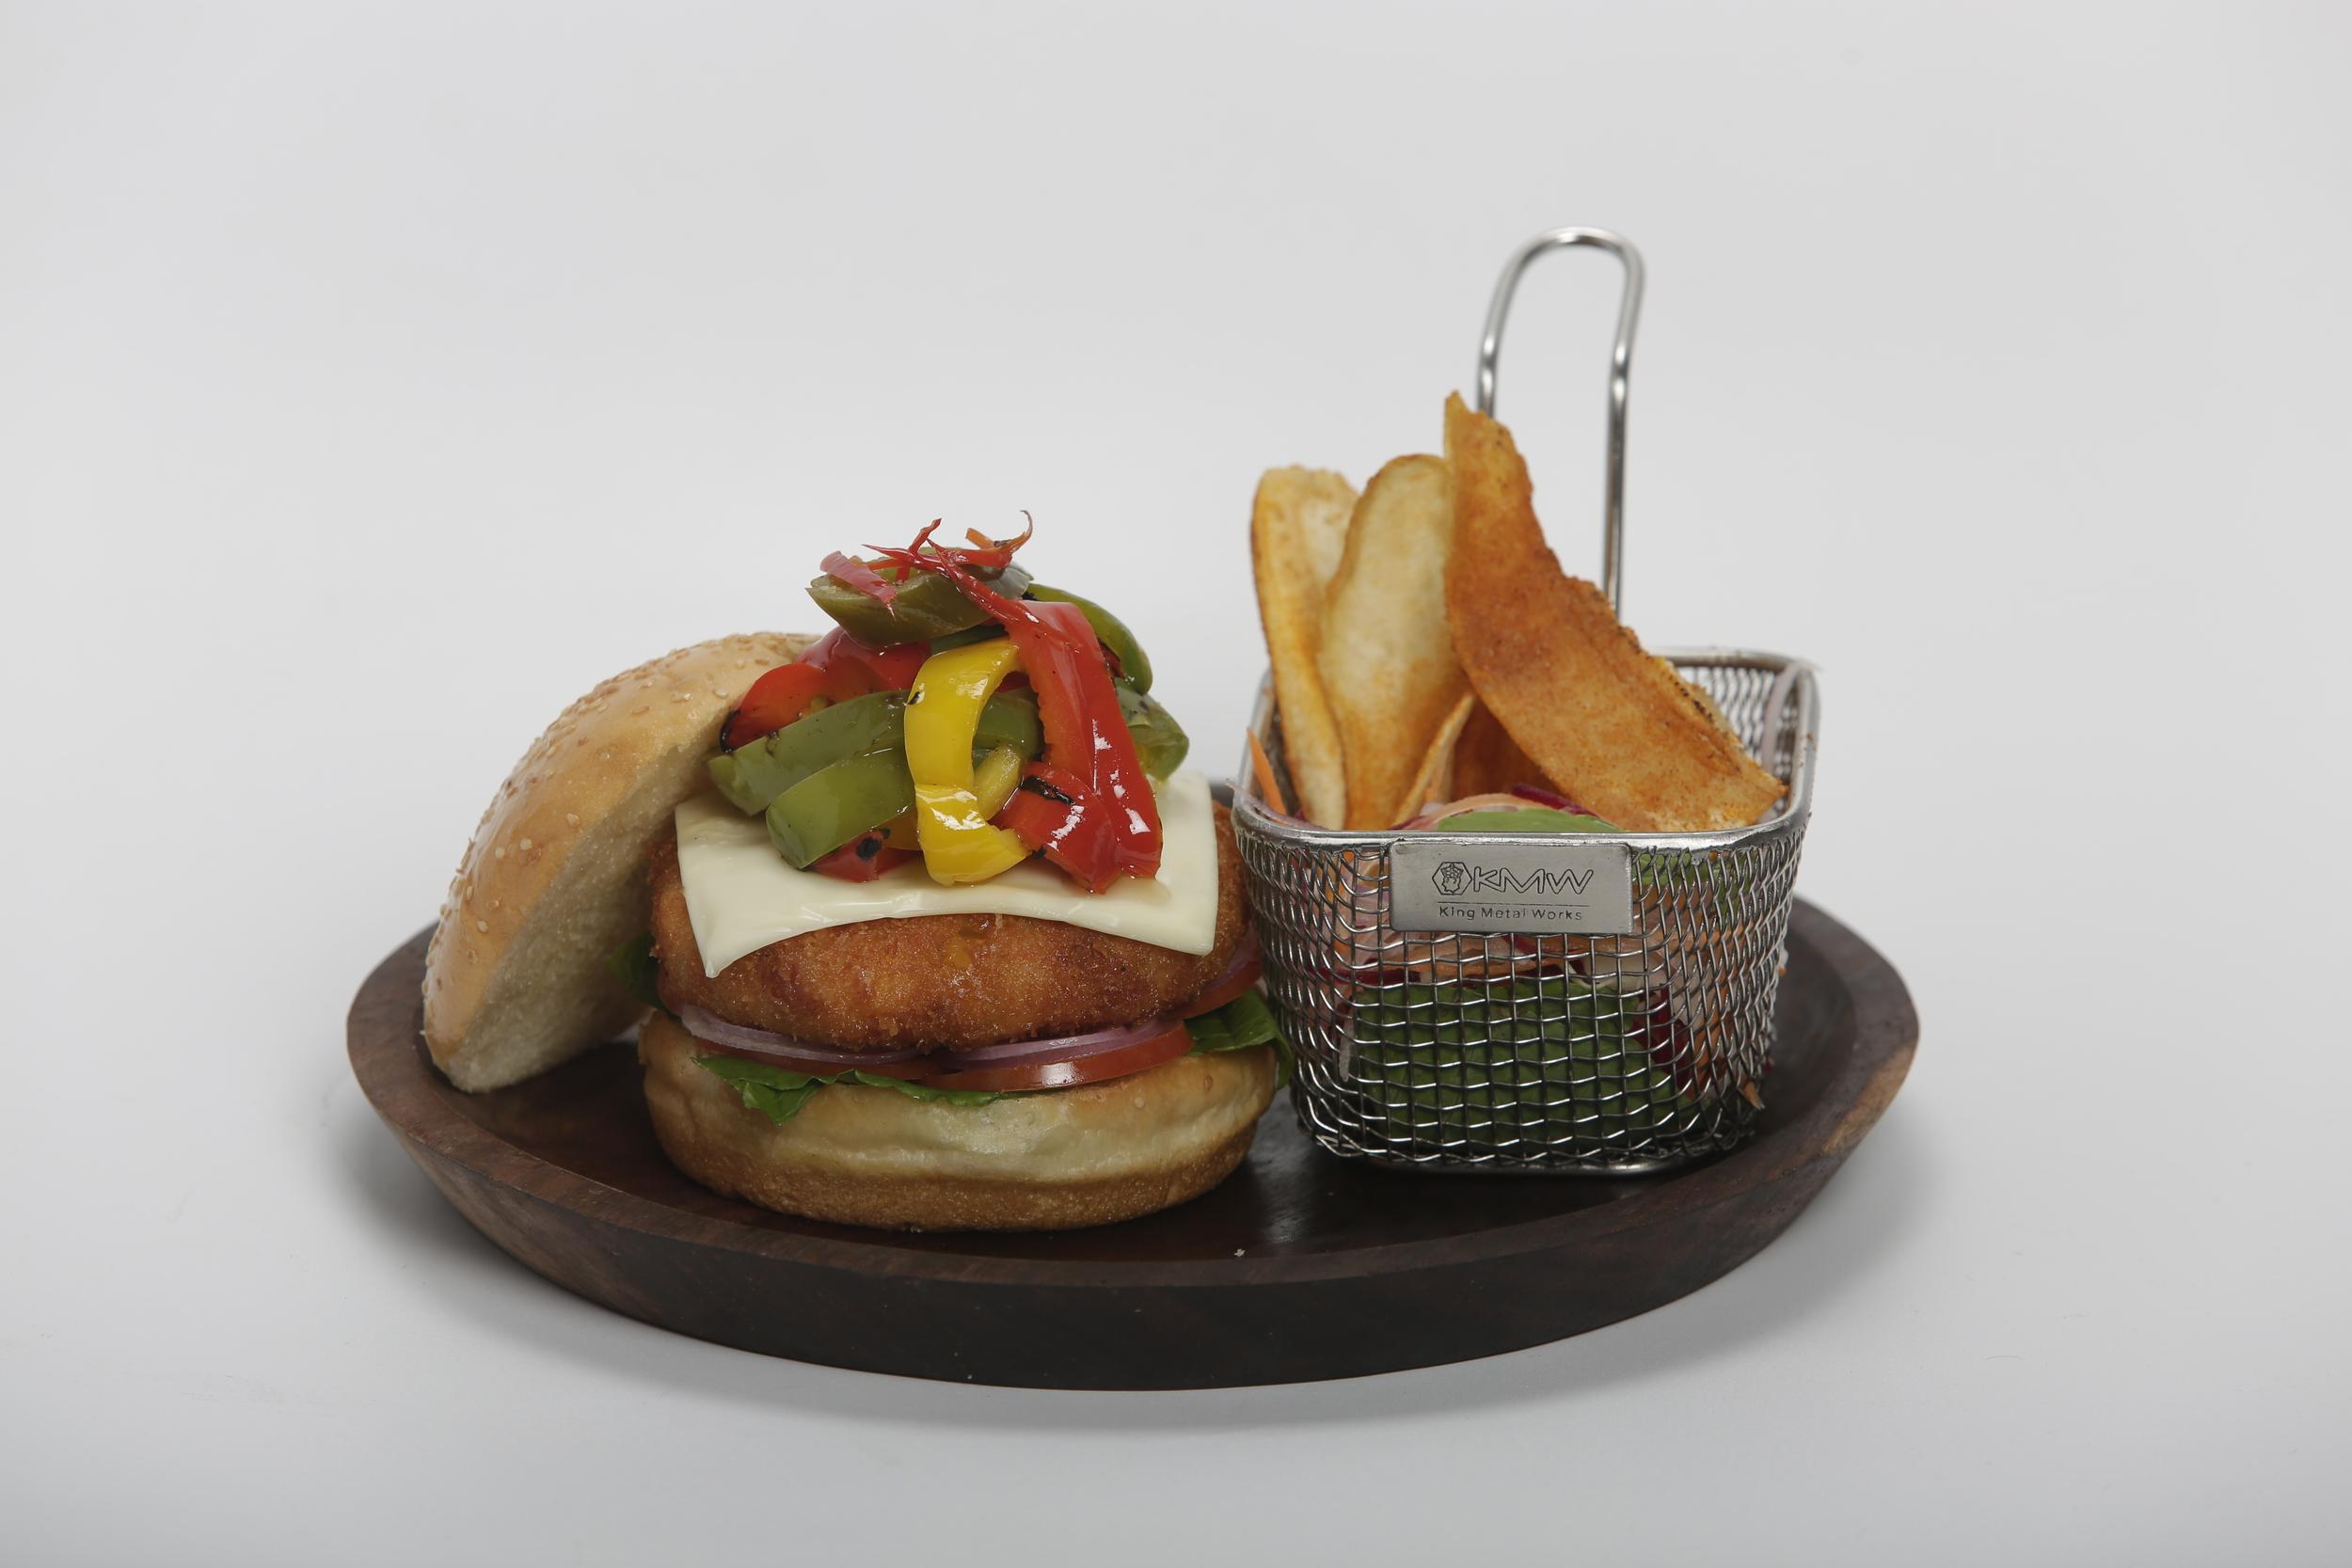 mexican-cheese-burger.jpg